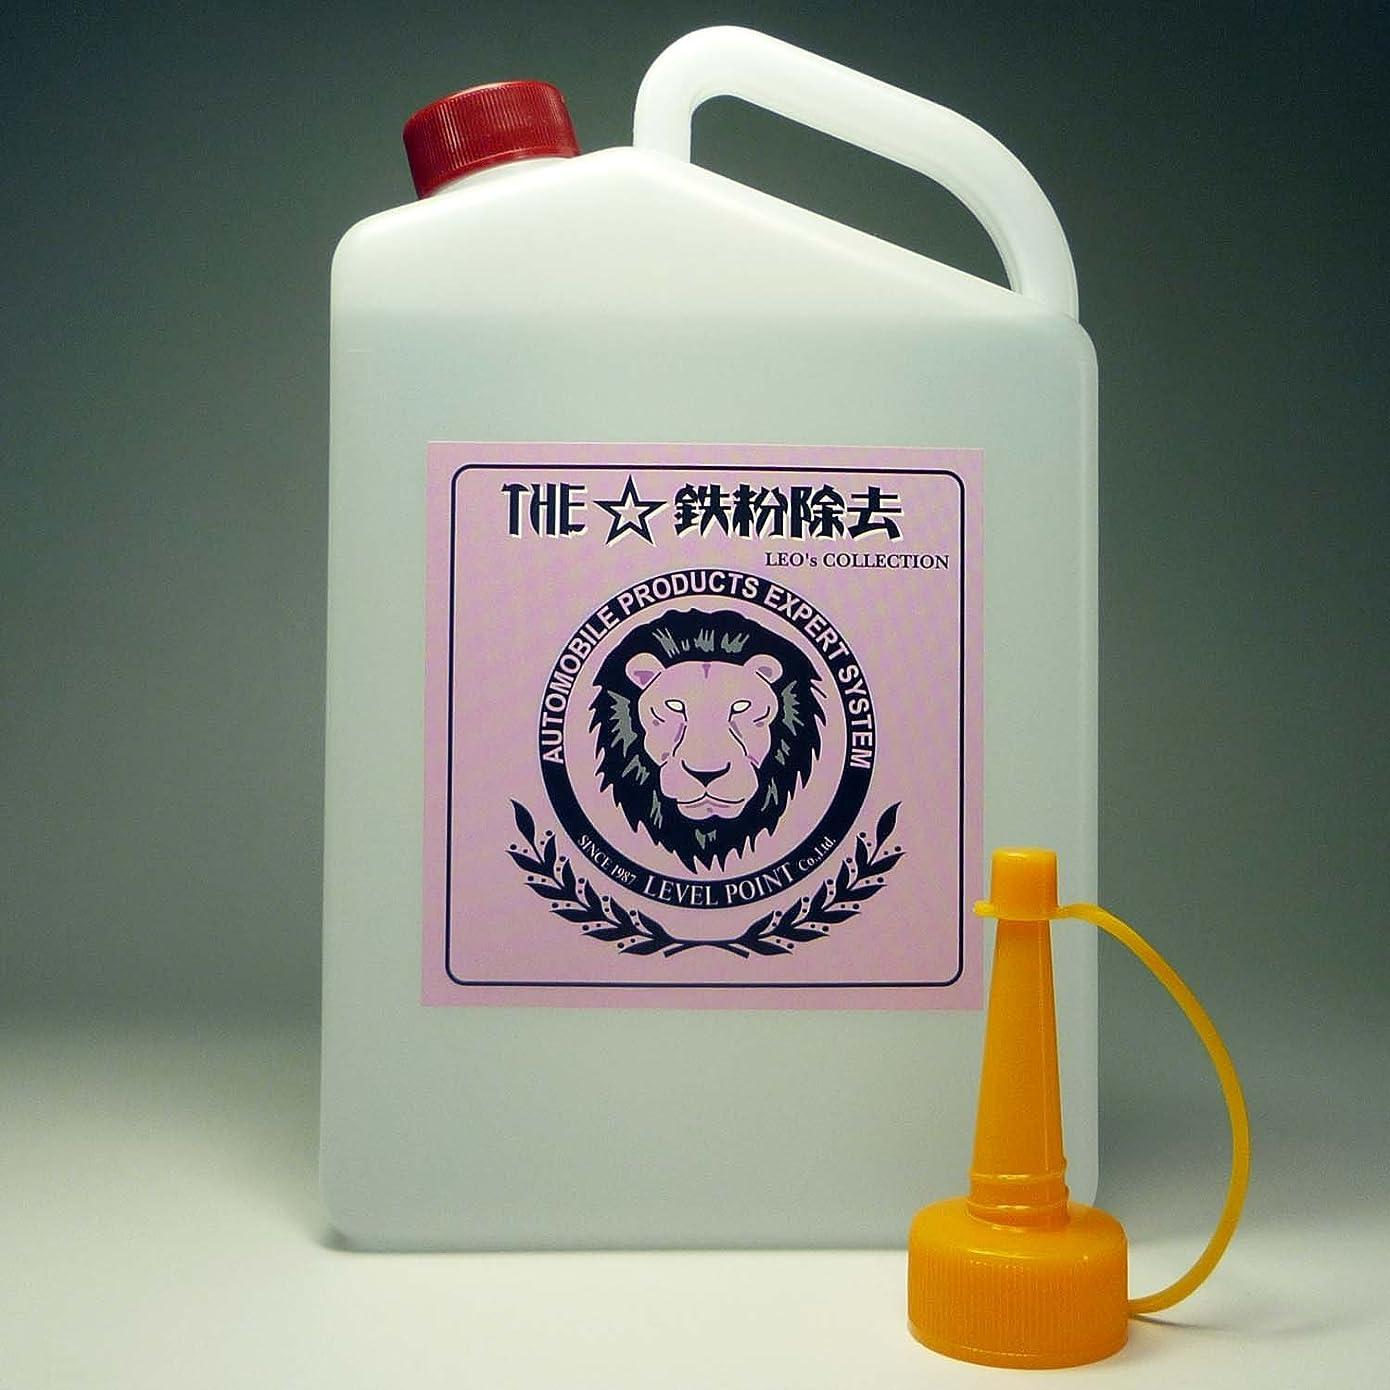 慎重にガロン賠償ワコーズ FC フィルタークリーナー 湿式エアフィルター用洗浄剤 1000ml V460